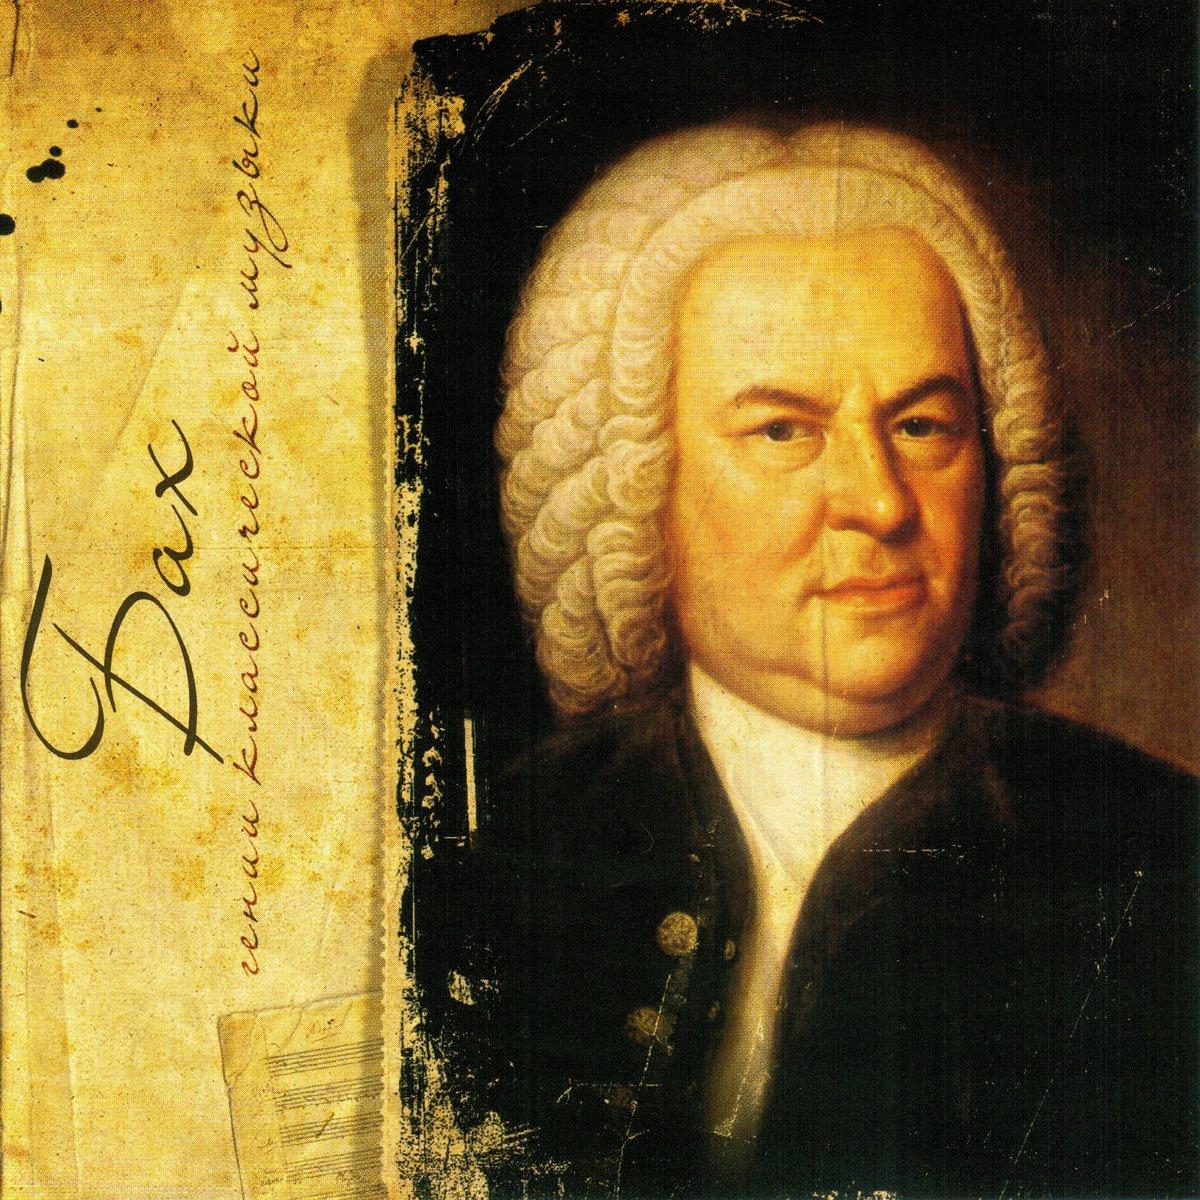 Брату армии, картинки композиторов классической музыки